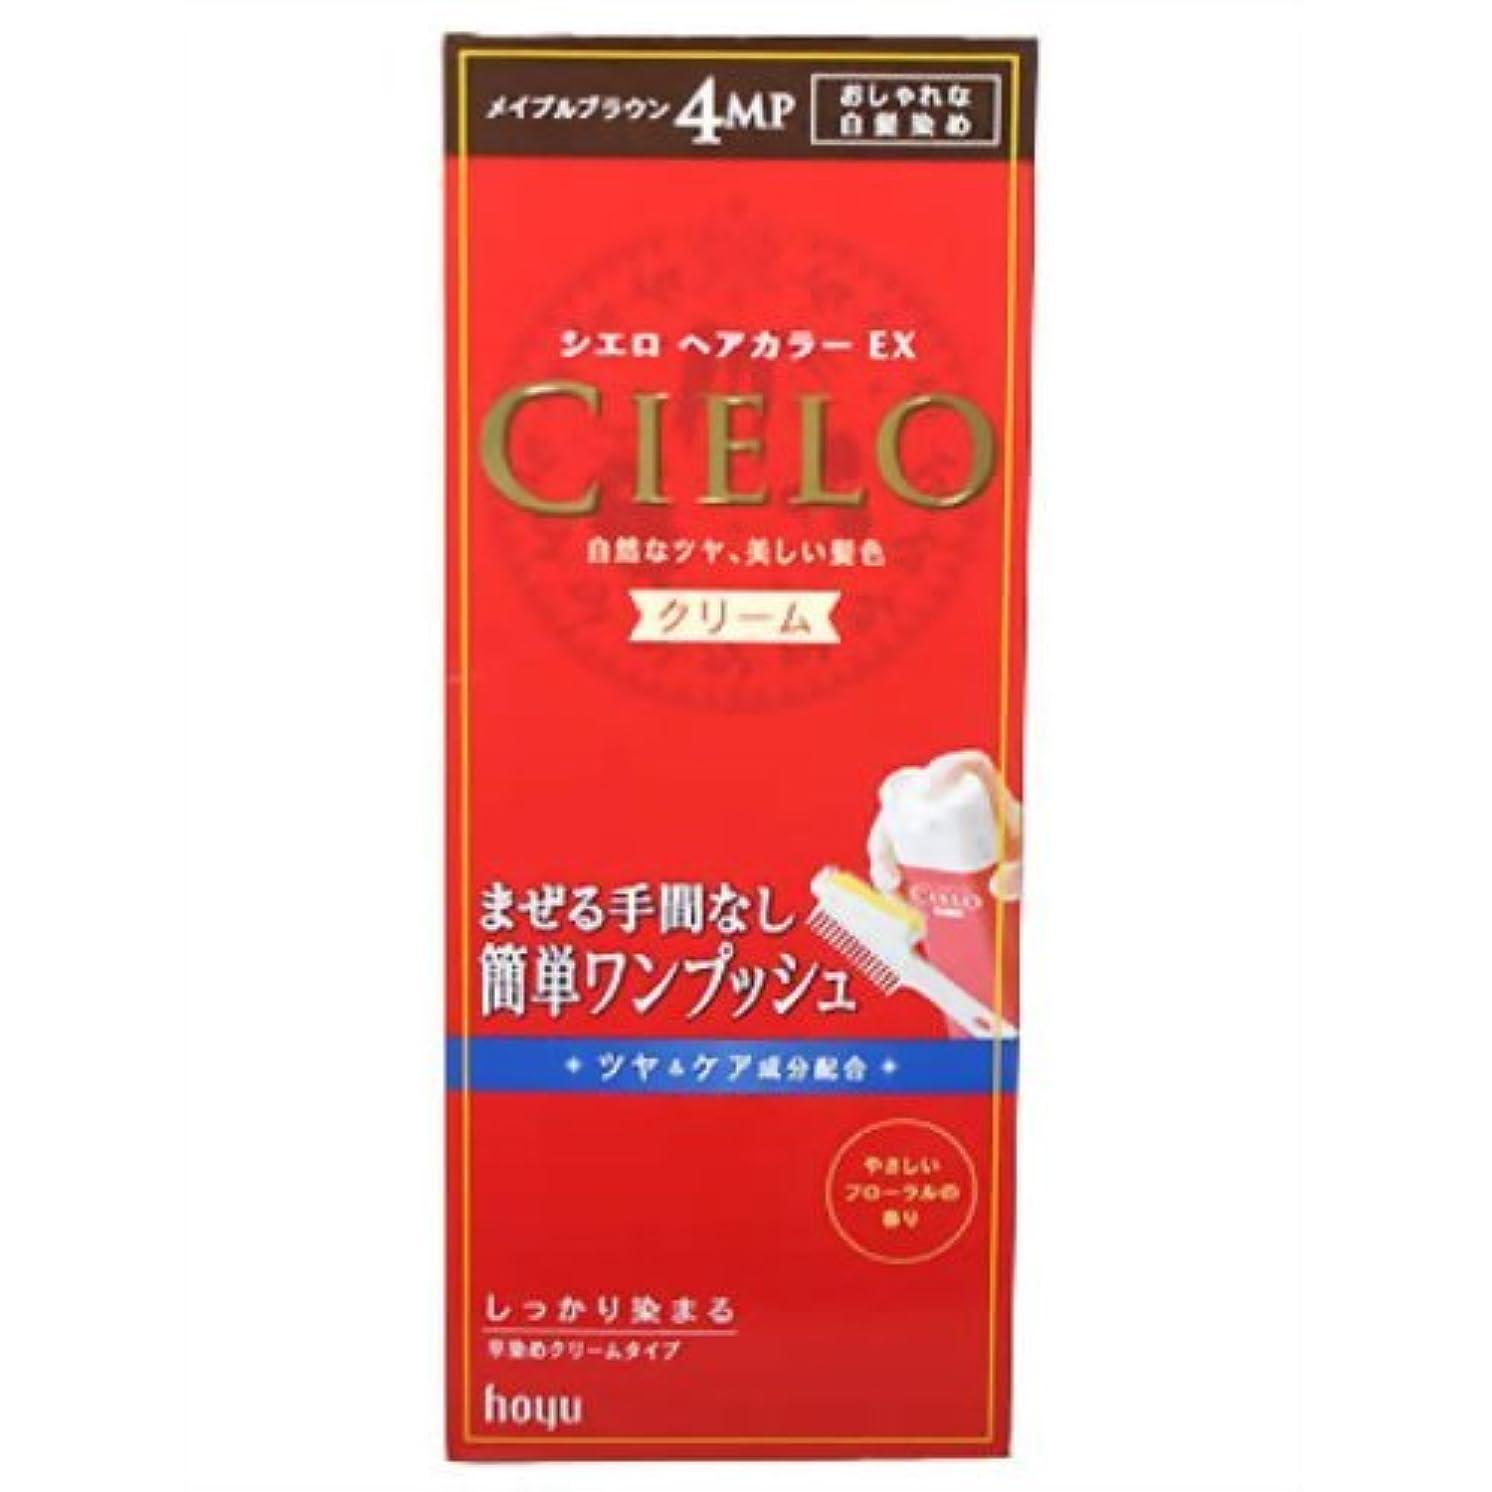 懐疑的克服する冷蔵庫シエロ ヘアカラ-EX クリ-ム 4MP メイプルブラウン